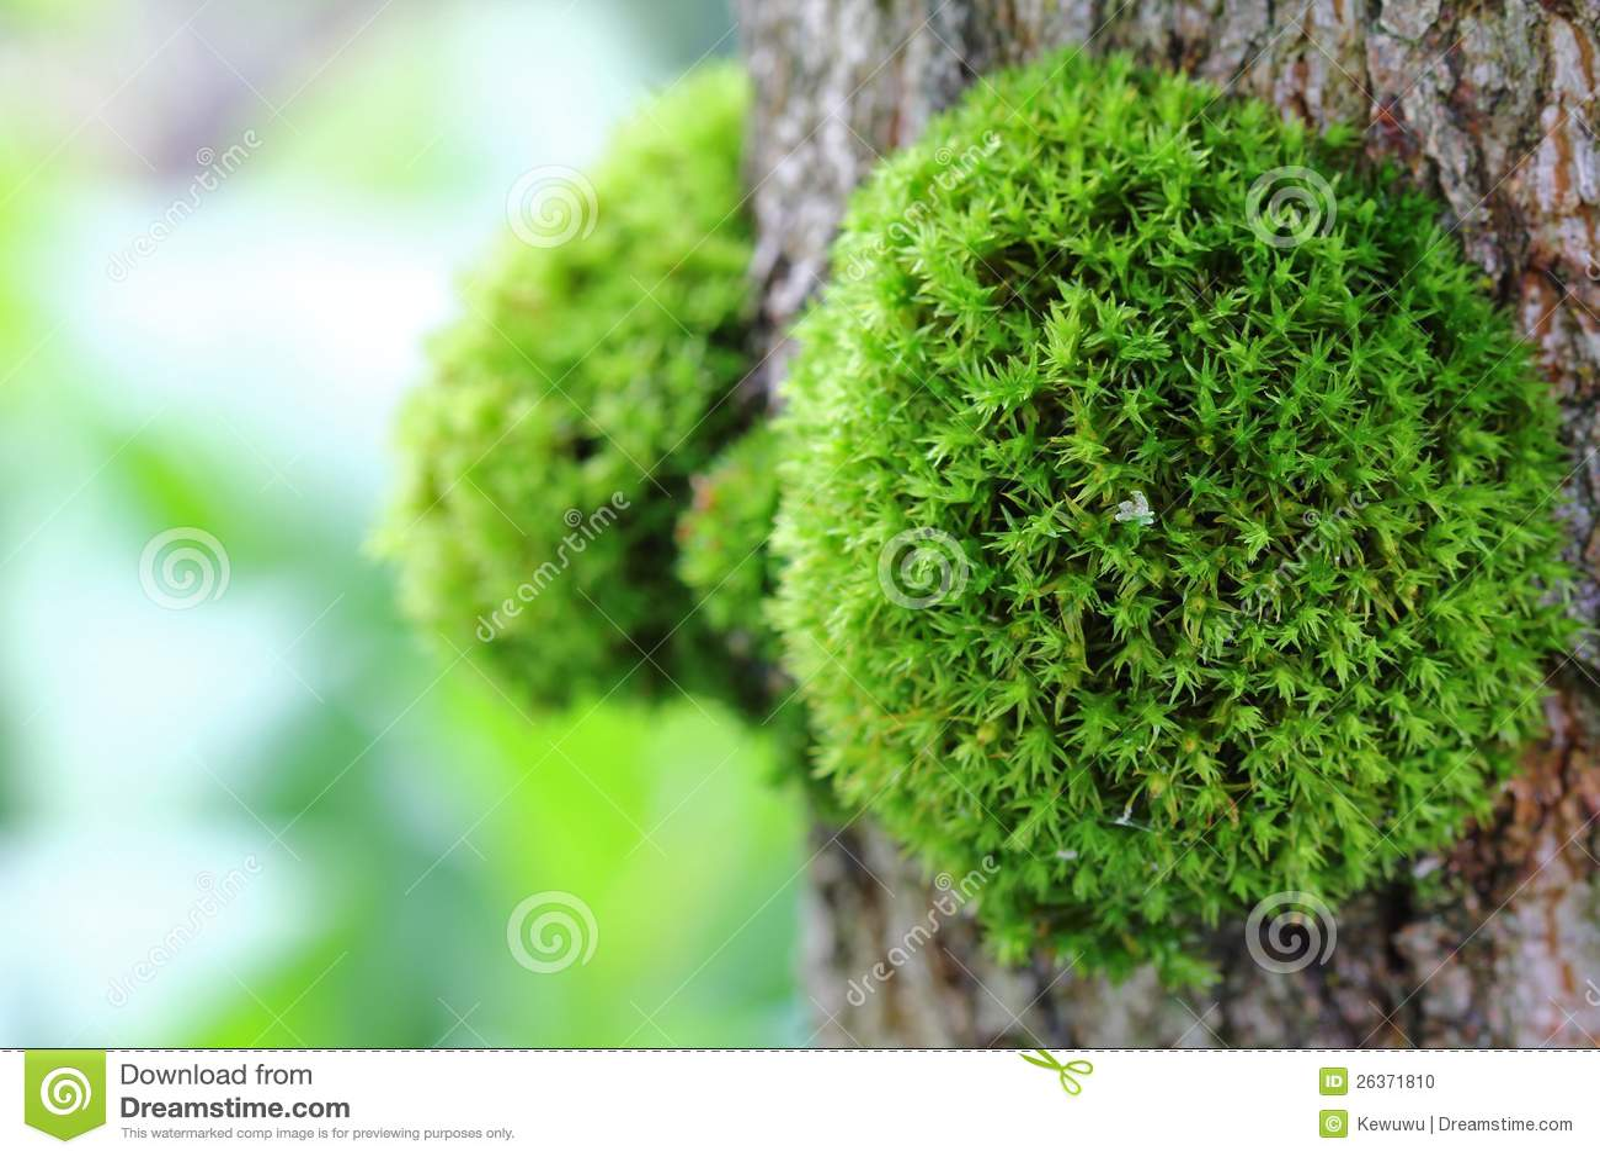 Mousse verte sur l 39 arbre photo stock image 26371810 - Mousse sur les arbres ...